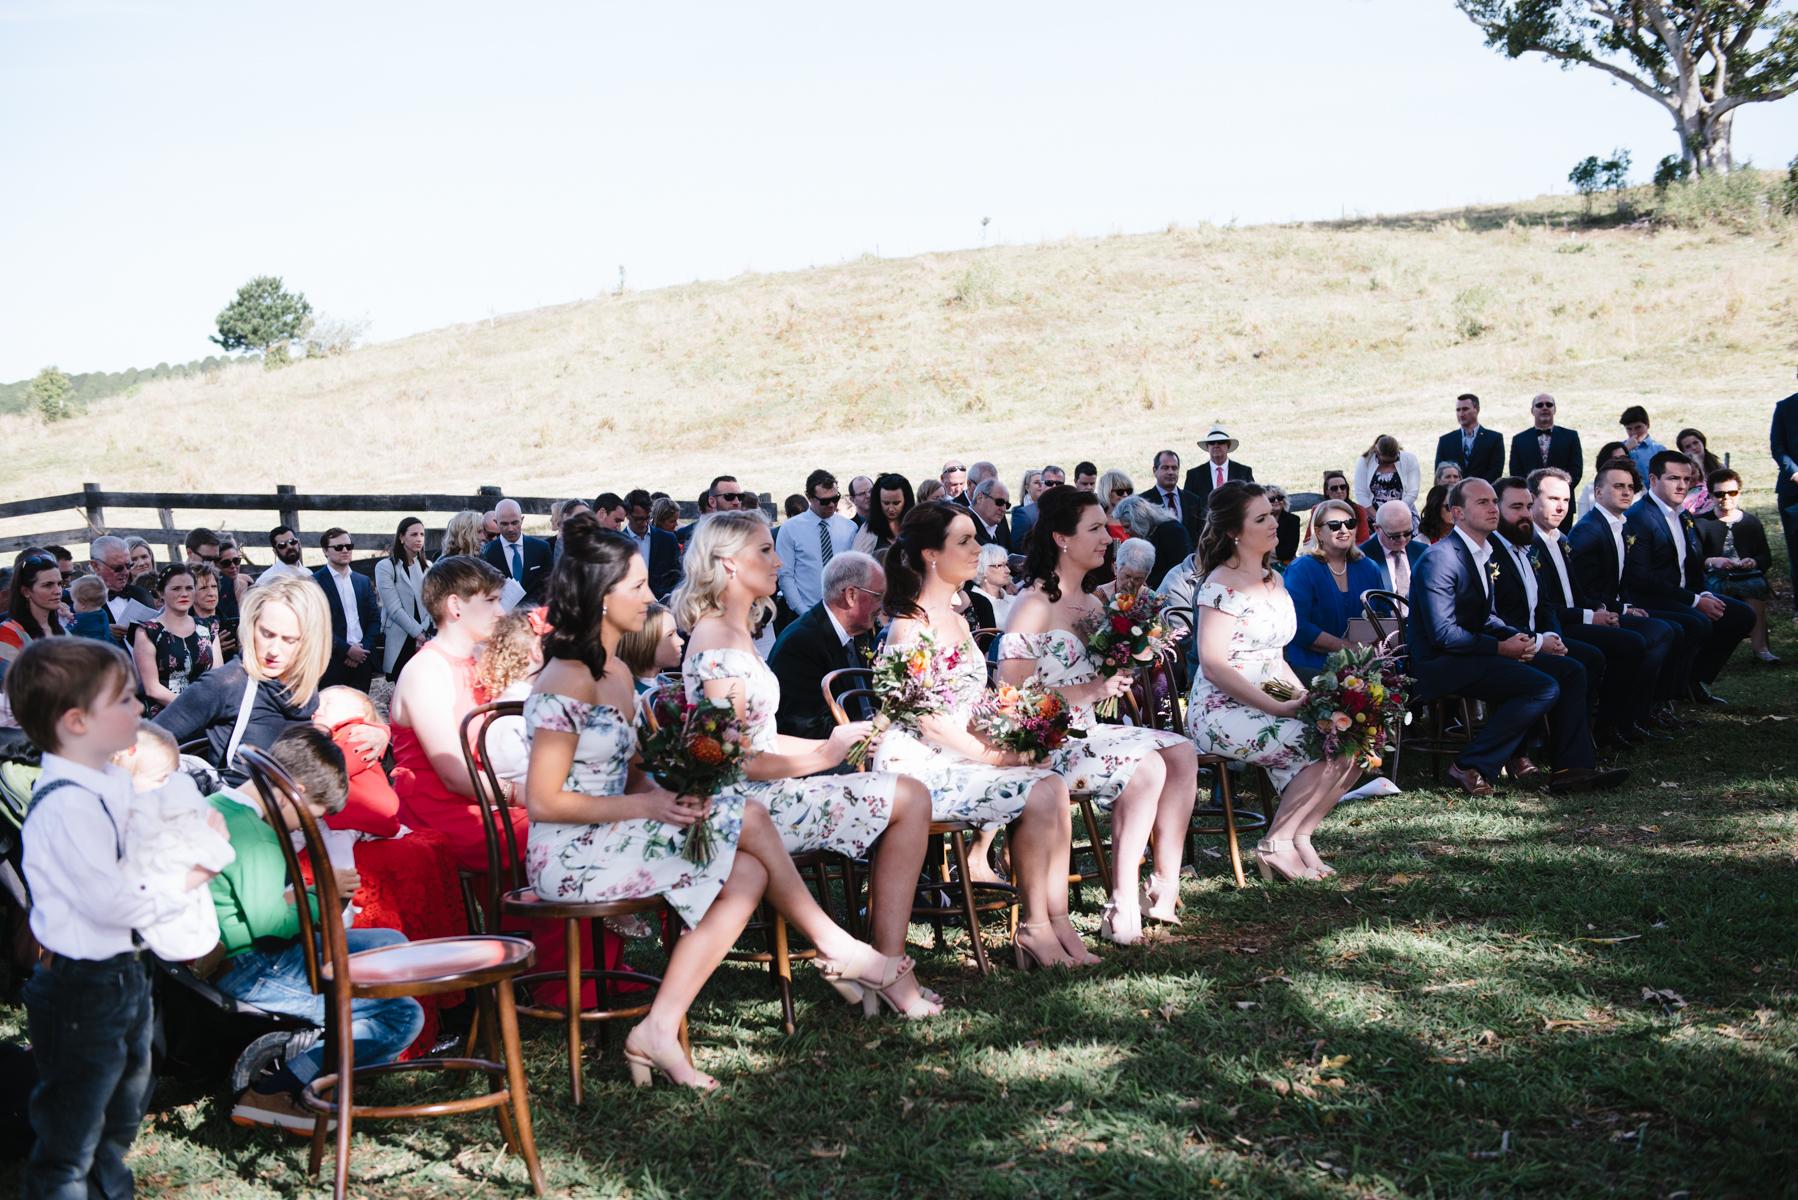 sarahandBenwedding- skyla sage photography weddings, families, byron bay,tweed coast,kingscliff,cabarita,gold coast-395.jpg